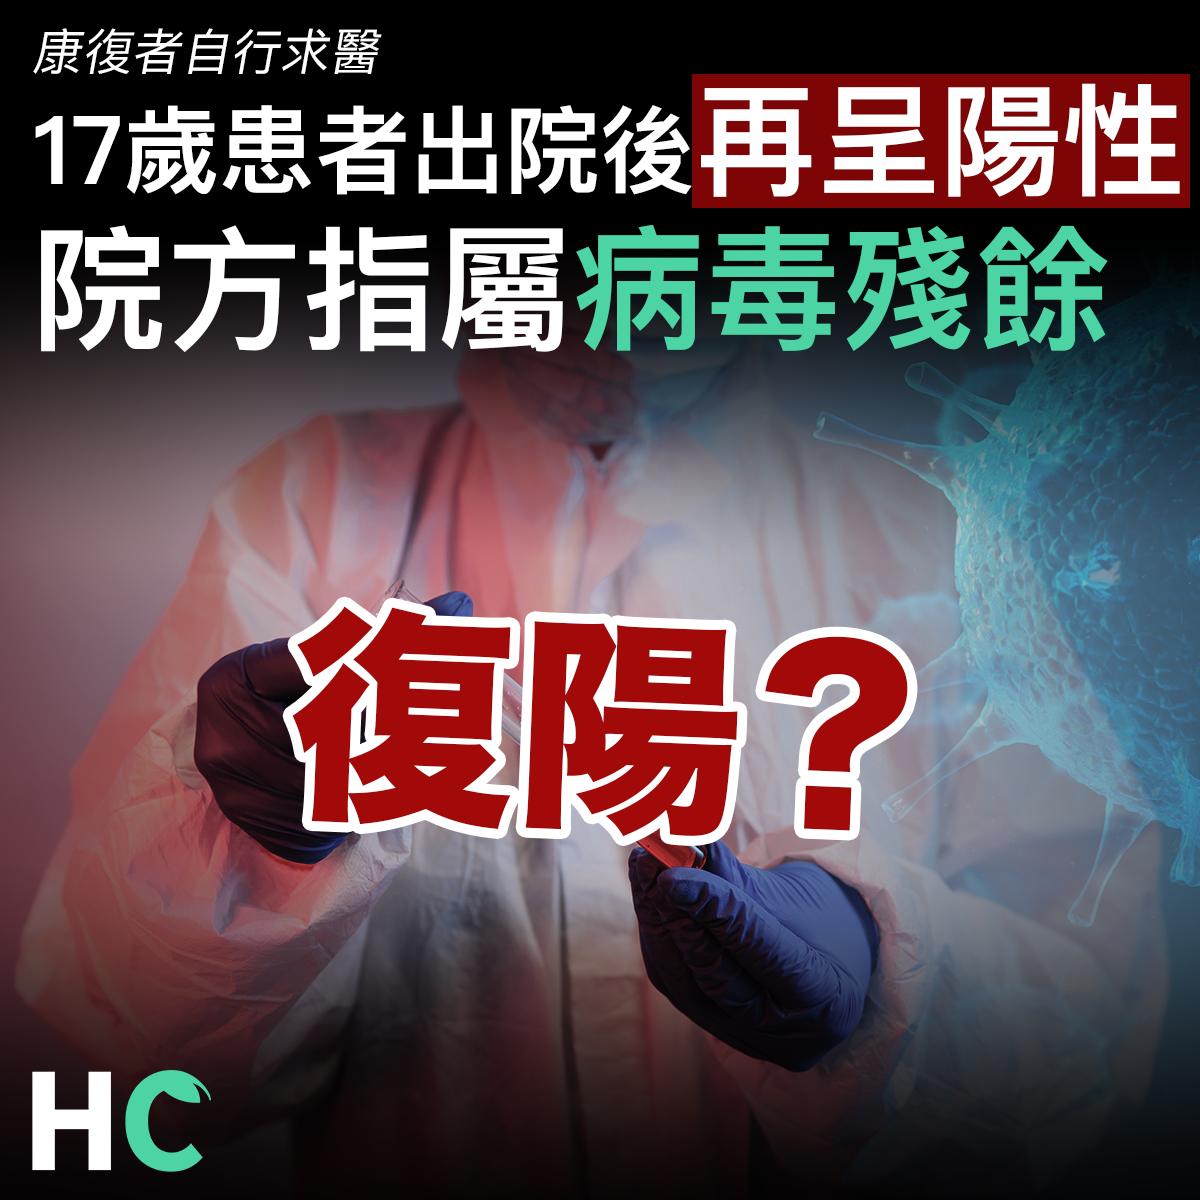 【#武漢肺炎】17歲留學生出院後再呈陽性 院方指屬病毒殘餘